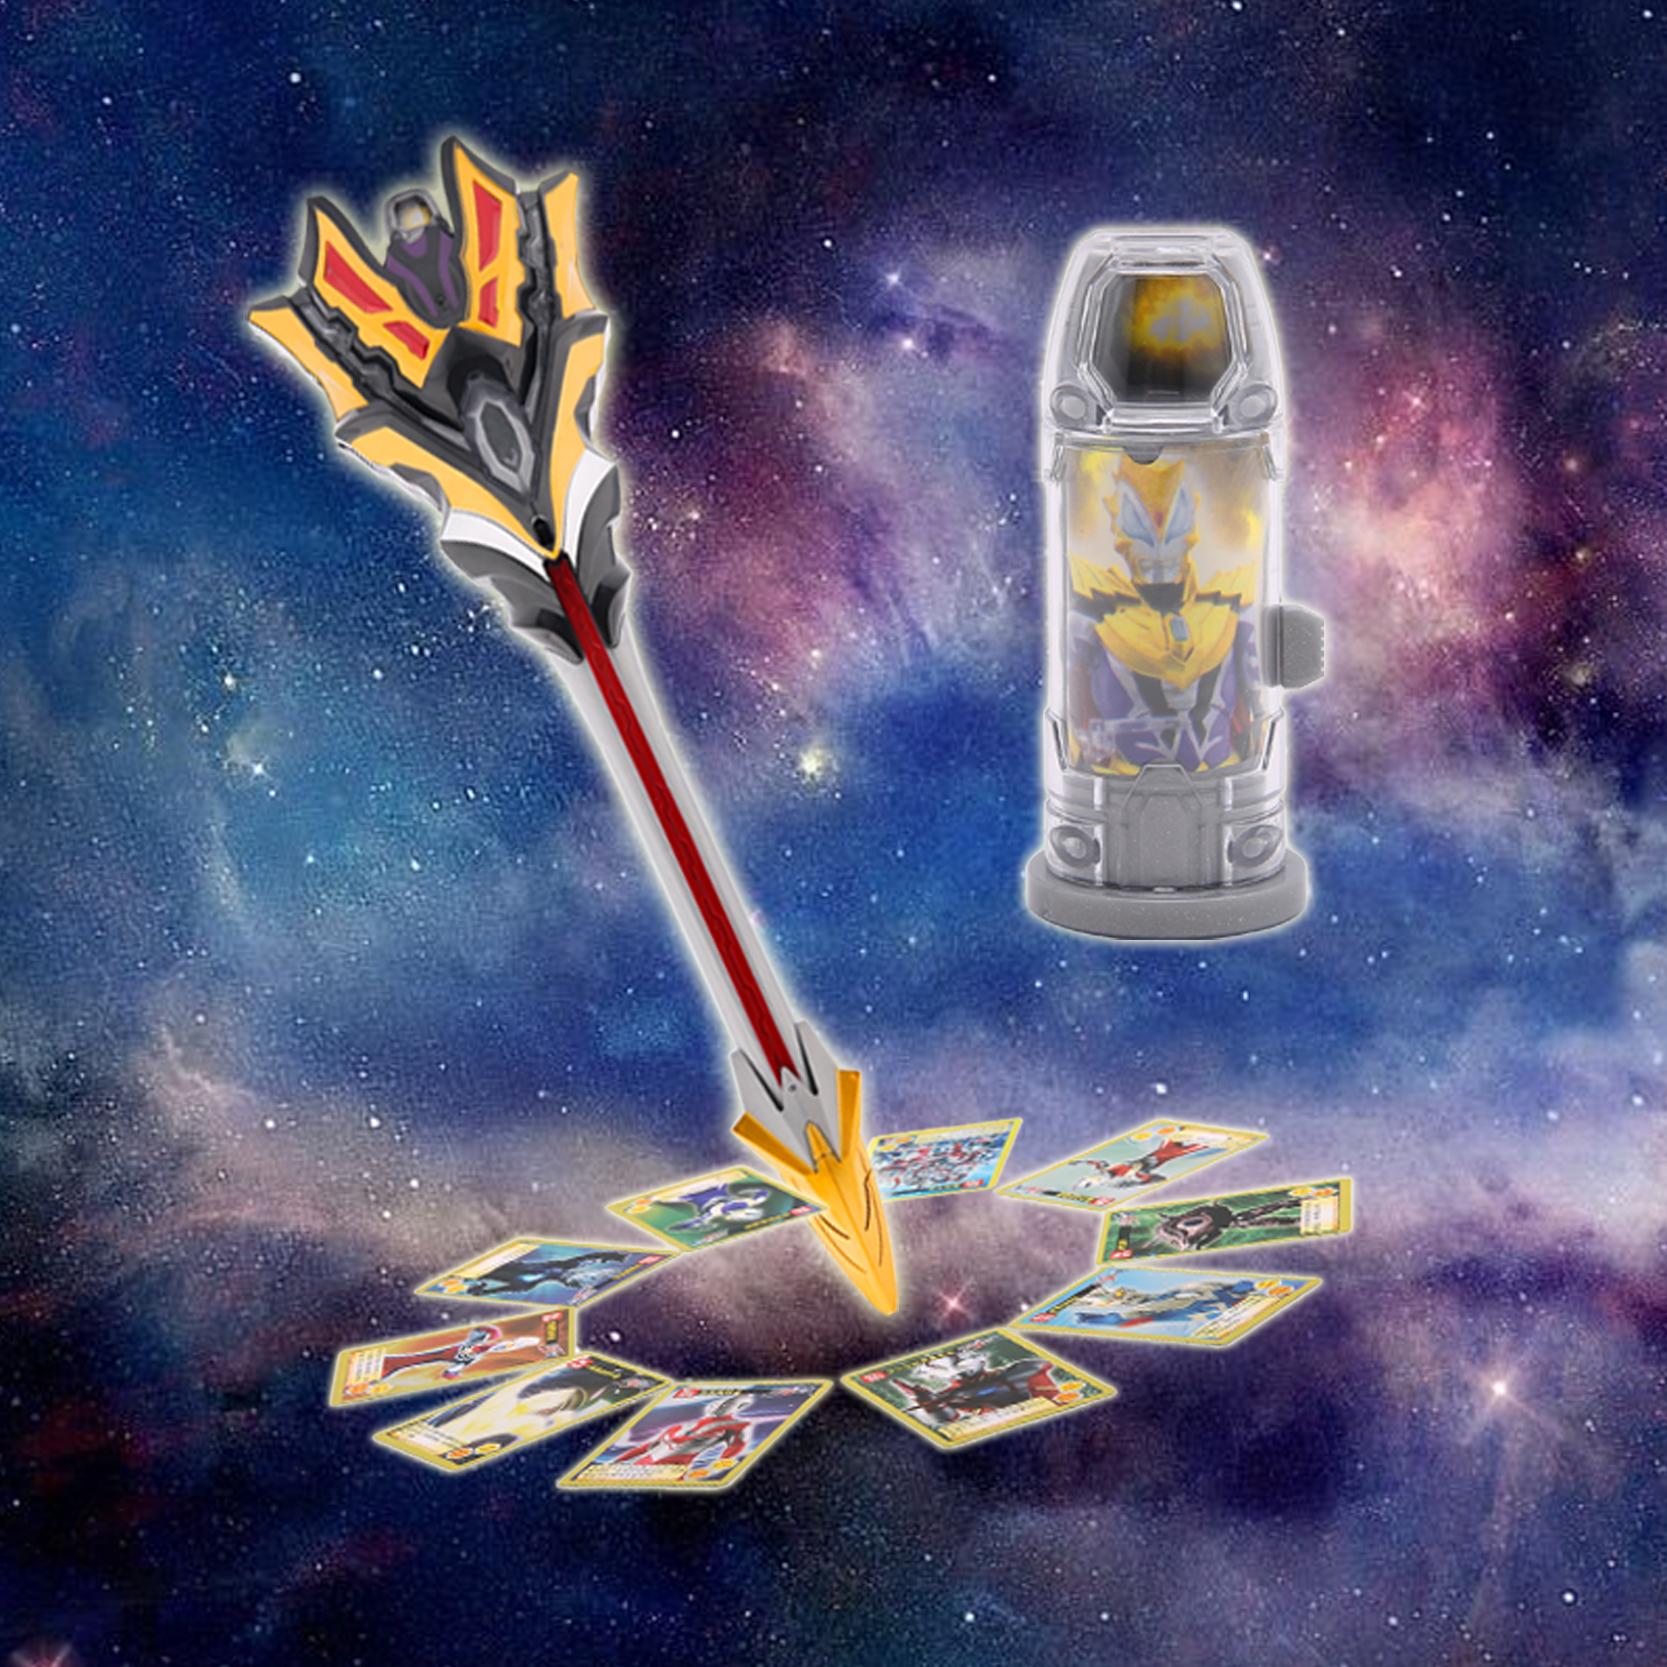 限时抢购王者之剑升华器胶囊卡片奥特曼玩具